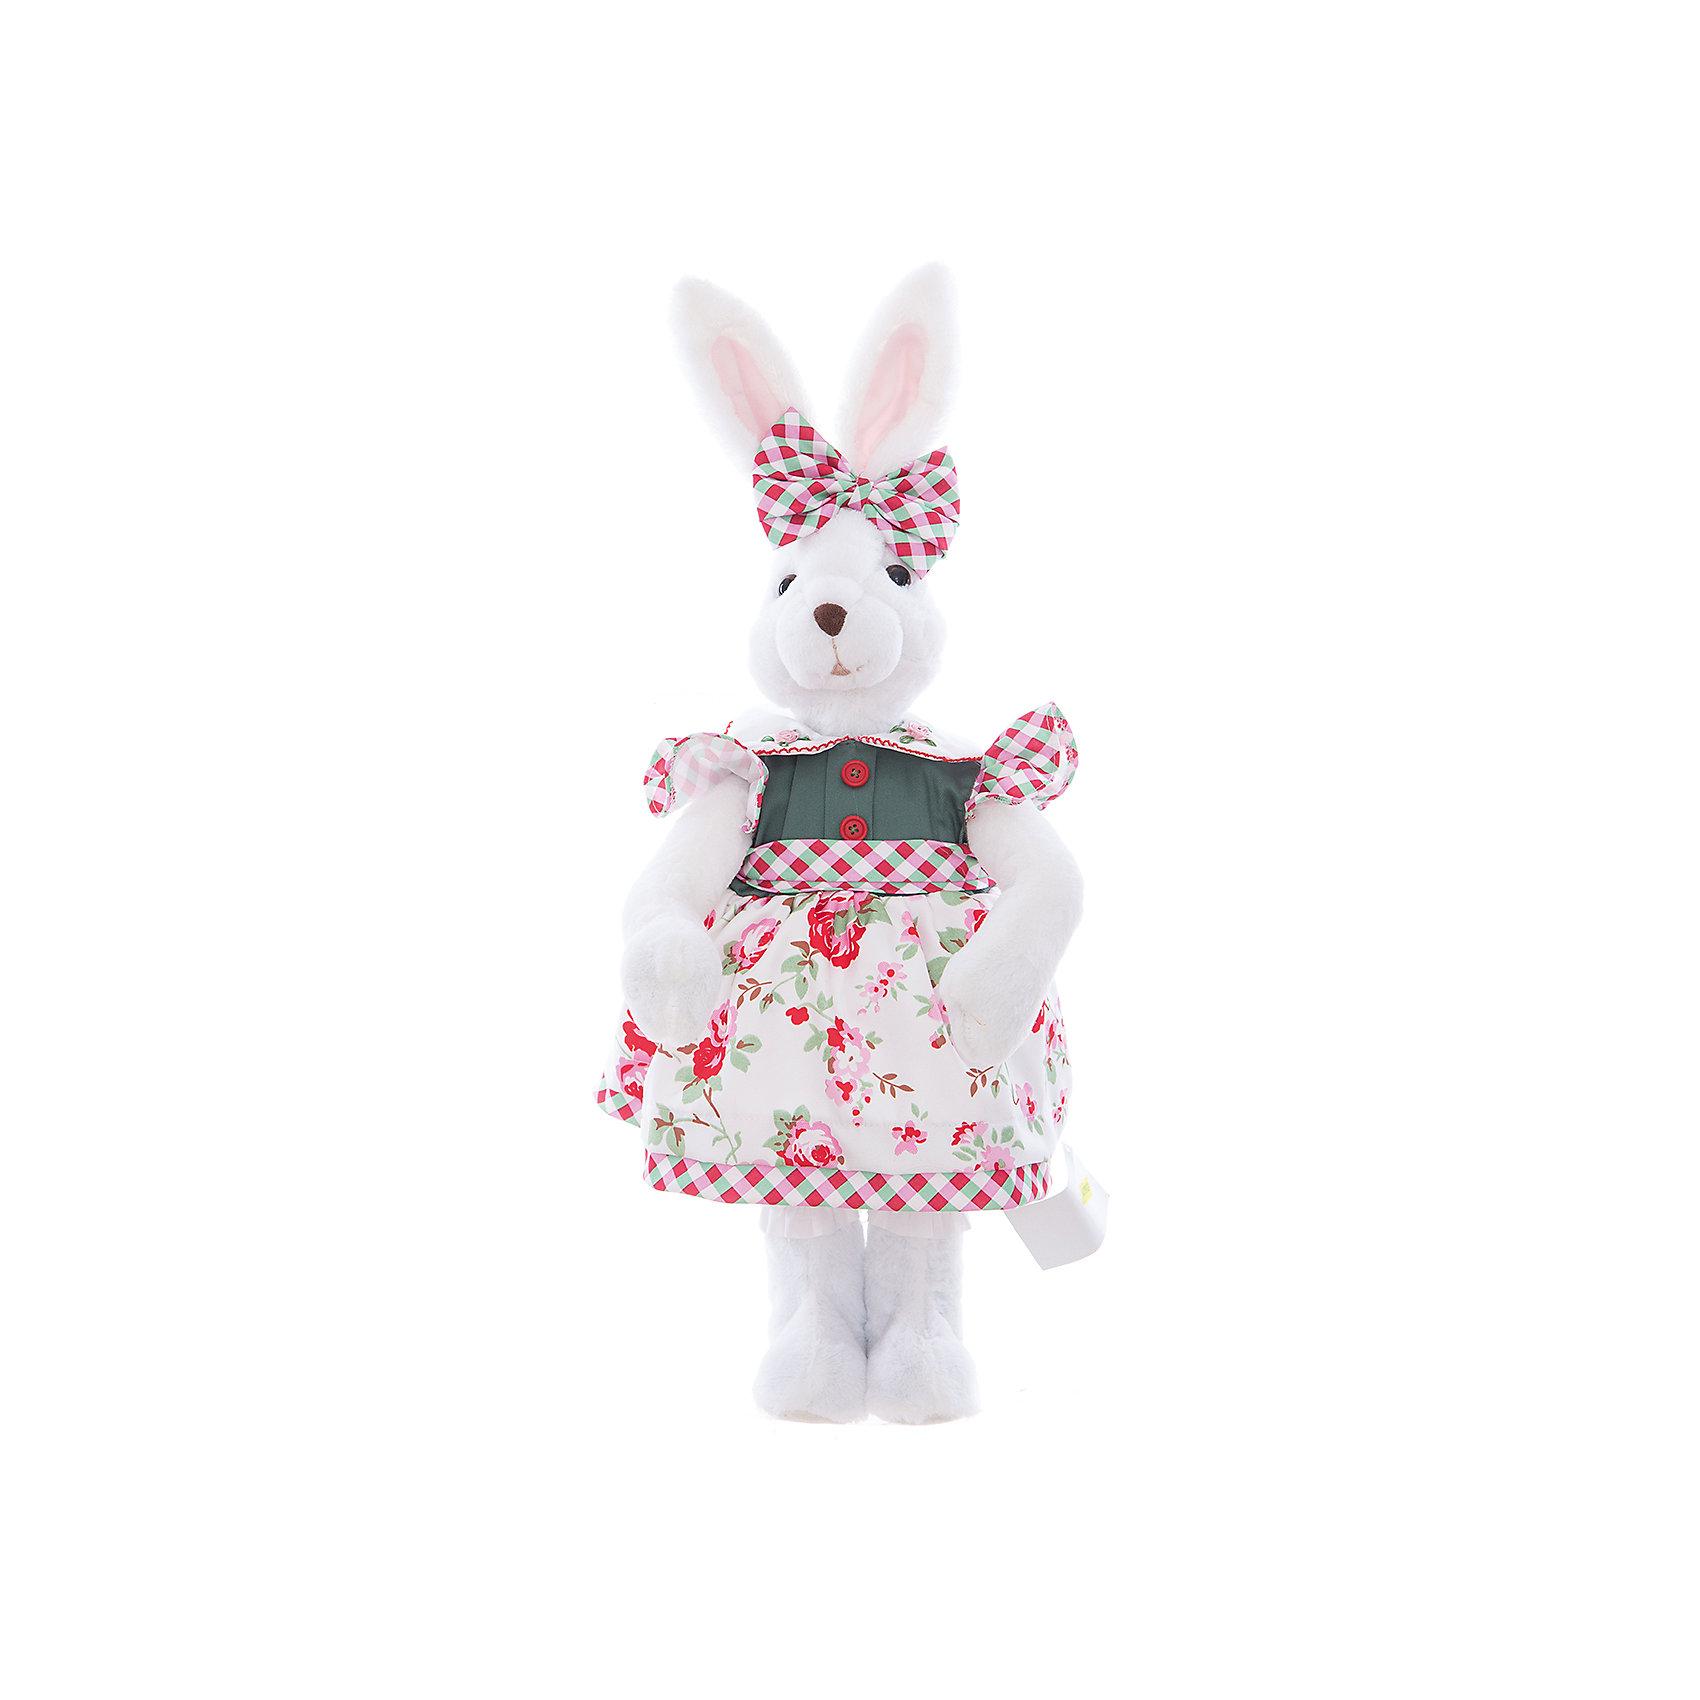 Интерьерная кукла Зайчик C21-228221, EstroПредметы интерьера<br>Характеристики интерьерной куклы:<br><br>- размеры (высота): 55 см. <br>- тип игрушки: животные, мягкая игрушка<br>- персонаж: заяц<br>- вид упаковки: коробка<br>- возрастные ограничения: 3+<br>- комплектация: игрушка <br>- состав: 50% пластик, 50% полиэстр, платье текстиль, без механизма.<br>- материал изготовления: высококачественный пластик, полиэстер, ткань<br>- стиль: классический, прованс<br>- бренд: Estro <br>- страна бренда: Италия<br>- страна производитель: Китай<br><br>Белый зайка торговой марки Estro придаст оригинальности Вашему интерьеру, принесет уют в ваш дом. При ее изготовлении применяются только качественные, высококлассные материалы. Стиль тщательно проработан. Все элементы аккуратно выбраны и удачно дополняют друг друга. Модель произведена из сырья отличного качества приятных цветов. Замечательная интерьерная кукла Зайчиха торговой марки Estro является прекрасным приобретением для домашнего интерьера. <br><br>Интерьерную куклу заяц  итальянской торговой марки Estro можно купить в нашем интернет-магазине.<br><br>Ширина мм: 150<br>Глубина мм: 200<br>Высота мм: 550<br>Вес г: 577<br>Возраст от месяцев: 36<br>Возраст до месяцев: 1188<br>Пол: Женский<br>Возраст: Детский<br>SKU: 5356619